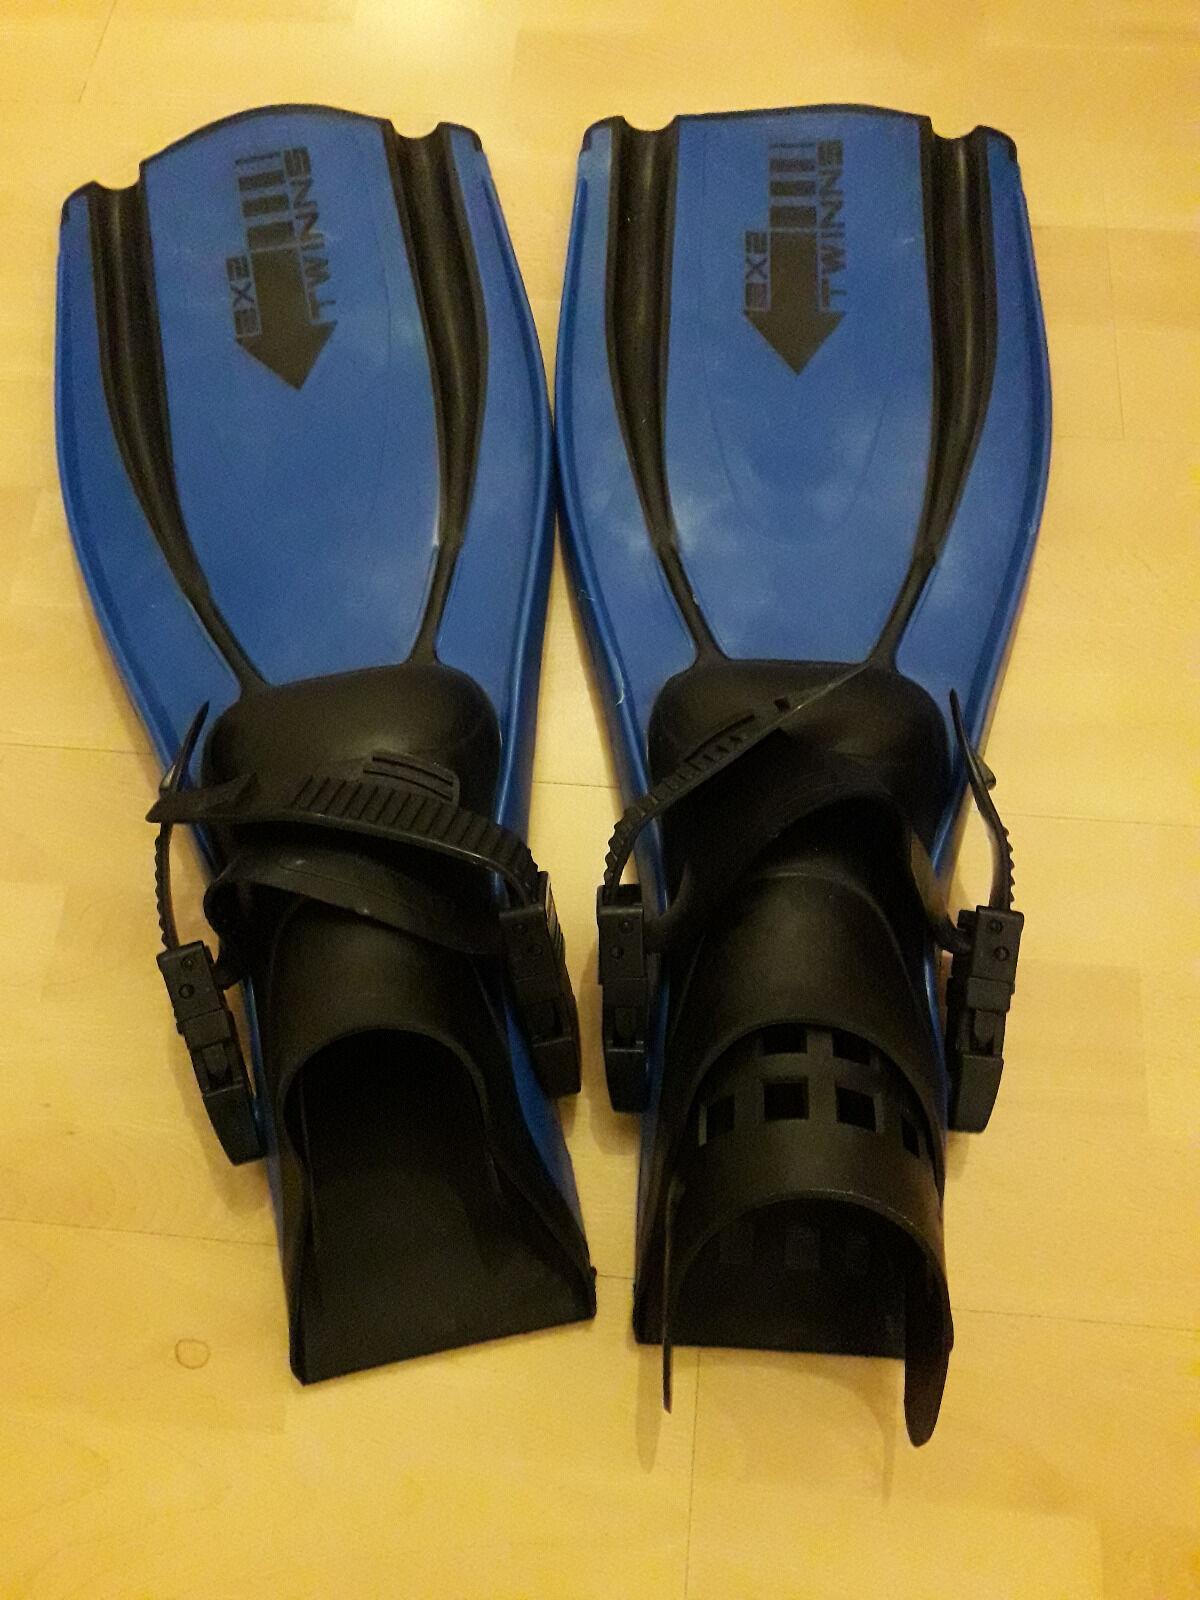 Geräteflossen Sporasub Twins Twins Twins 2x2   Tauchen   Farbe blau   Größe M   NEU  | Sehr gelobt und vom Publikum der Verbraucher geschätzt  d879e8